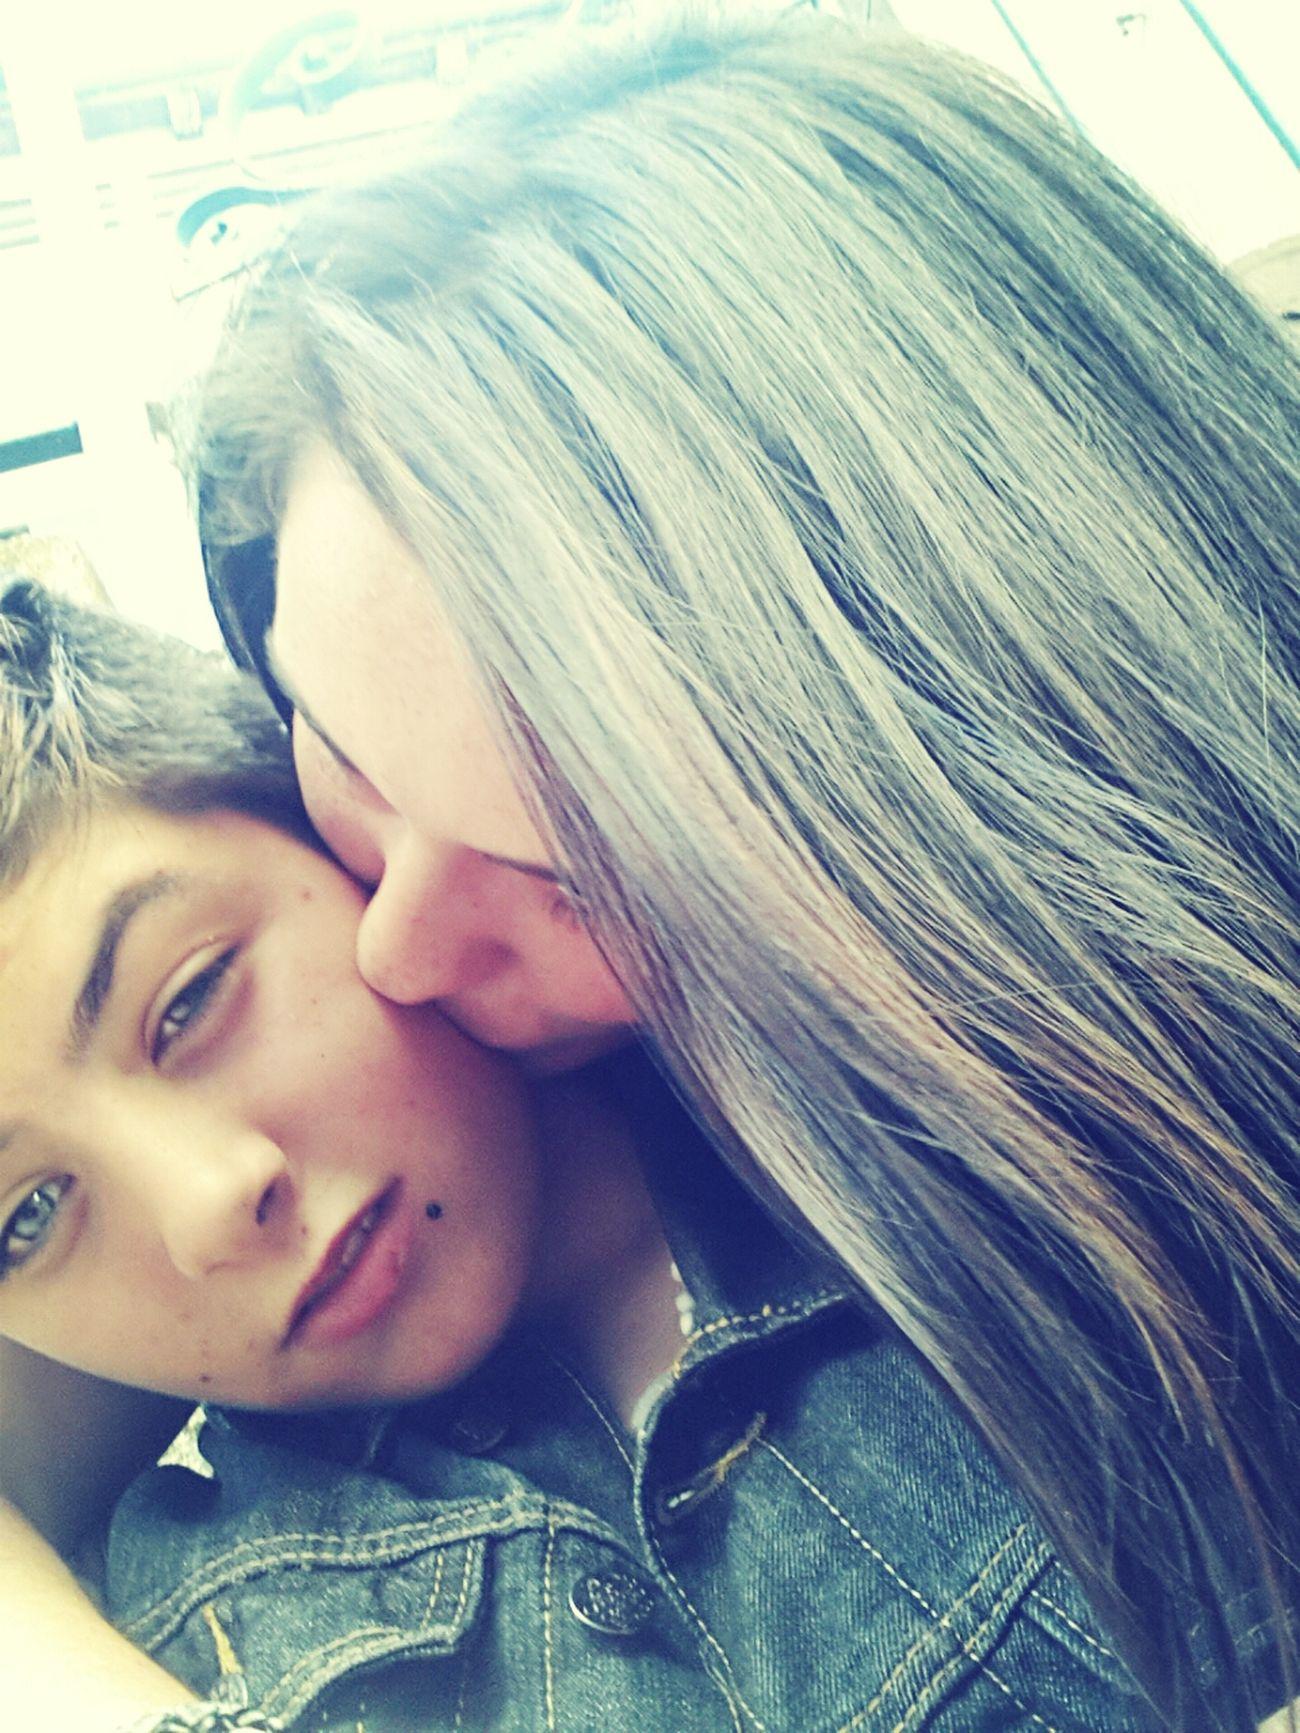 Doudou ♥  je t'aime mon doudou d'amour ♥